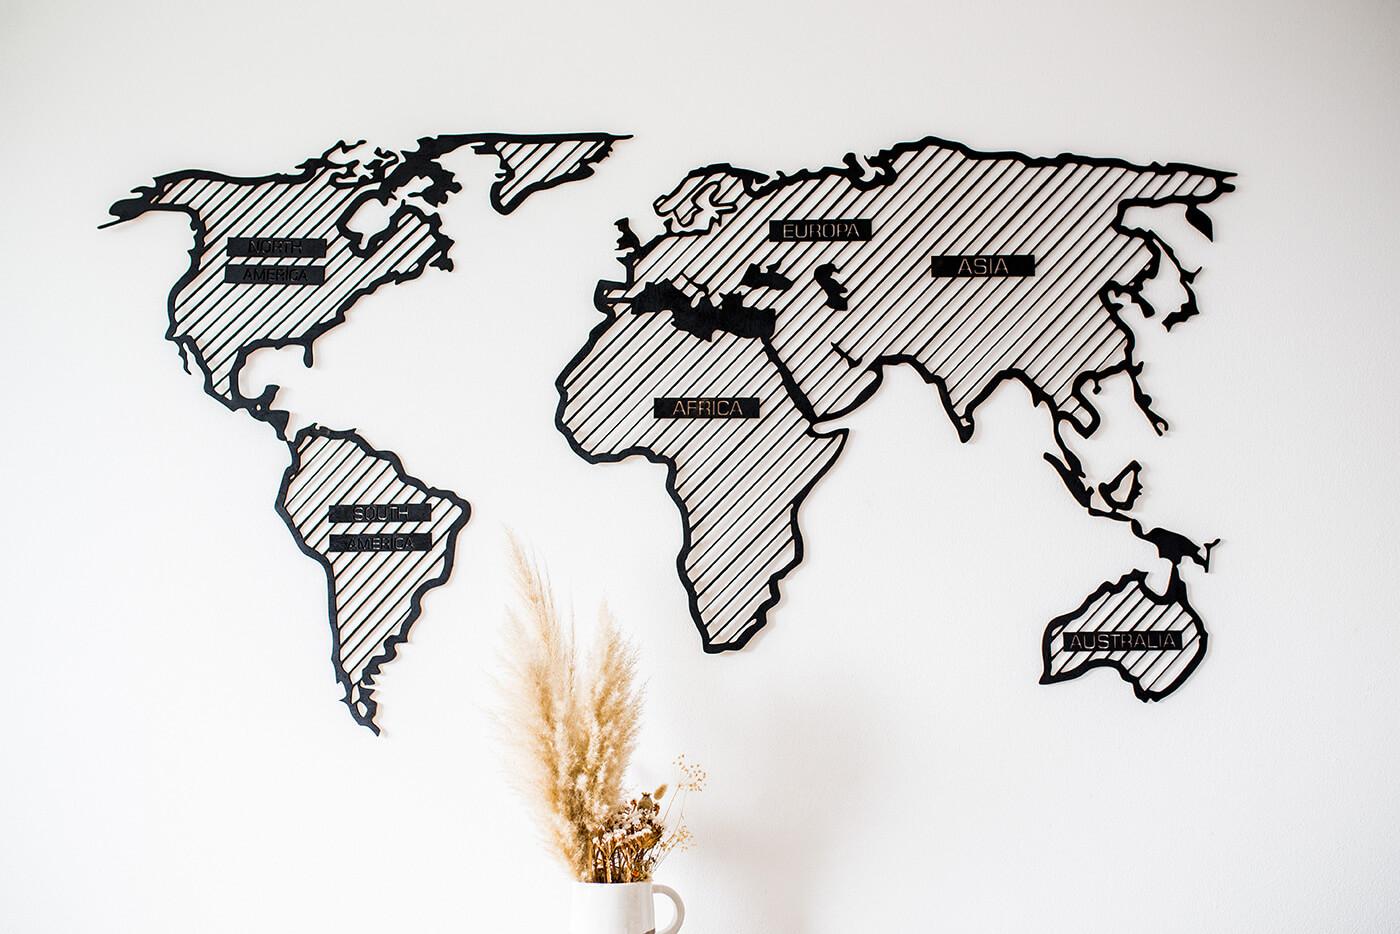 Drevená mapa sveta LINE L Adventurer (s názvami kontinentov) - rozmery 150 x 77 cm